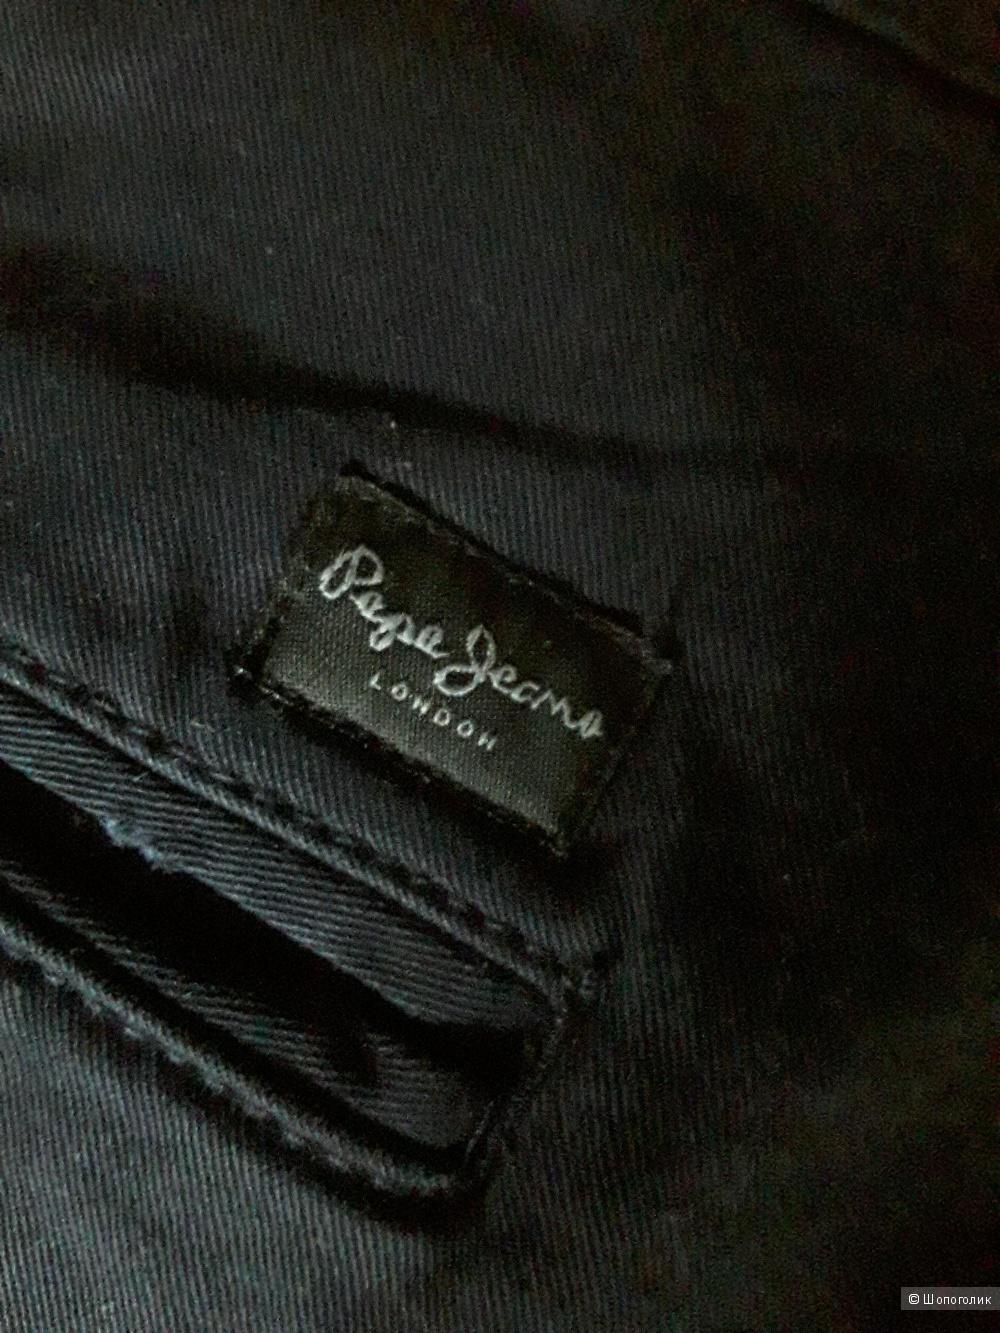 Брюки Pepe Jeans размер 31